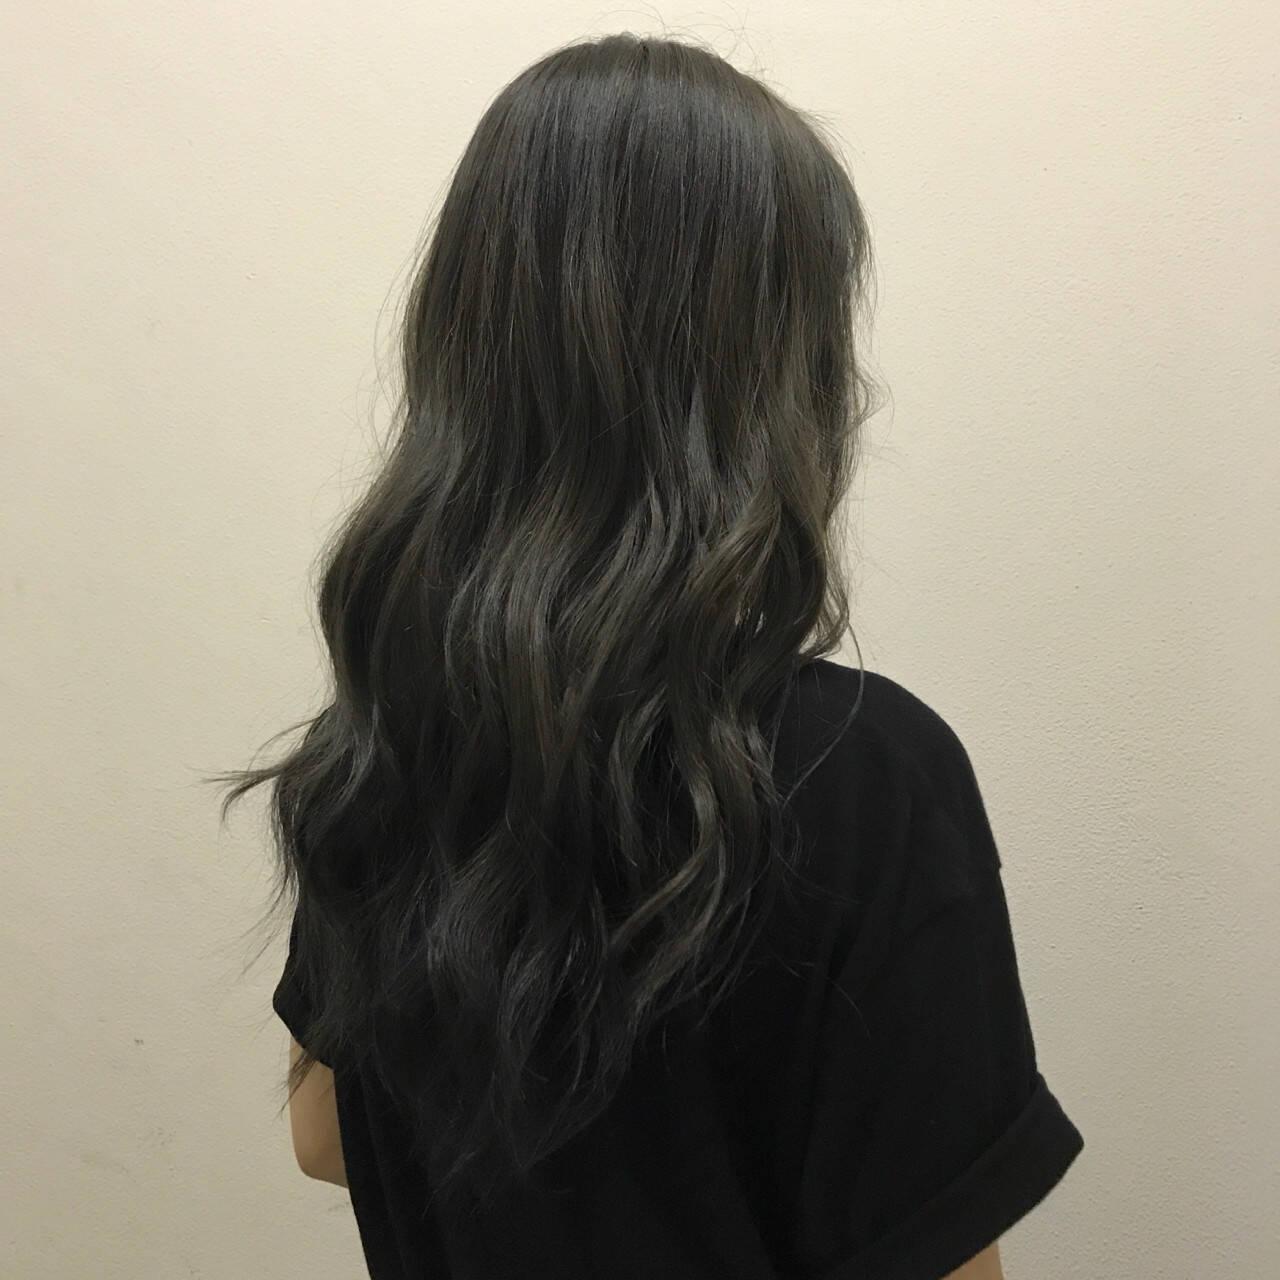 ナチュラル ロング 透明感 オリーブアッシュヘアスタイルや髪型の写真・画像